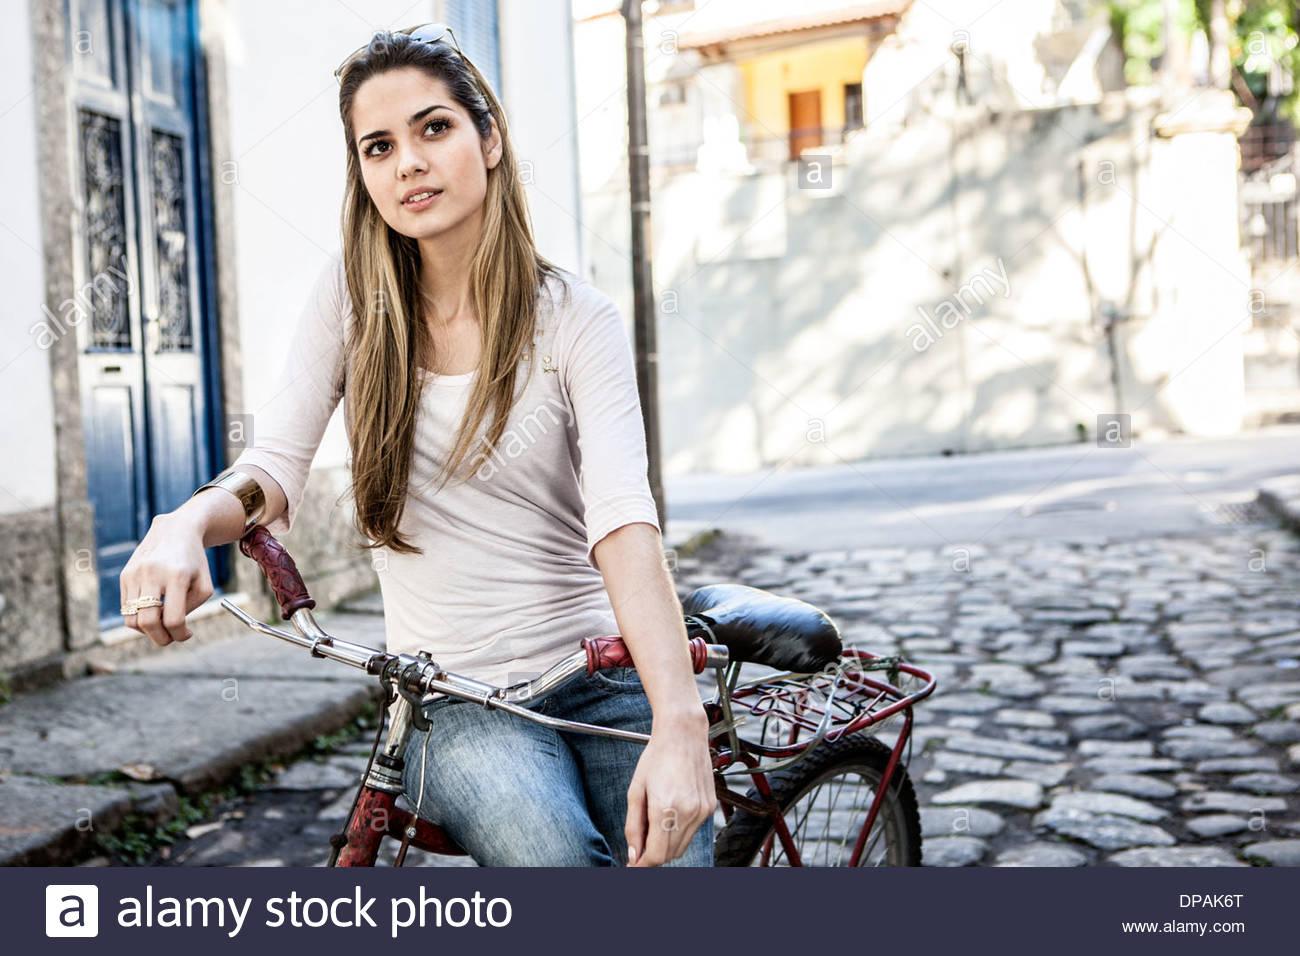 Jeune couple à bicyclette dans la rue pavée, Rio de Janeiro, Brésil Photo Stock